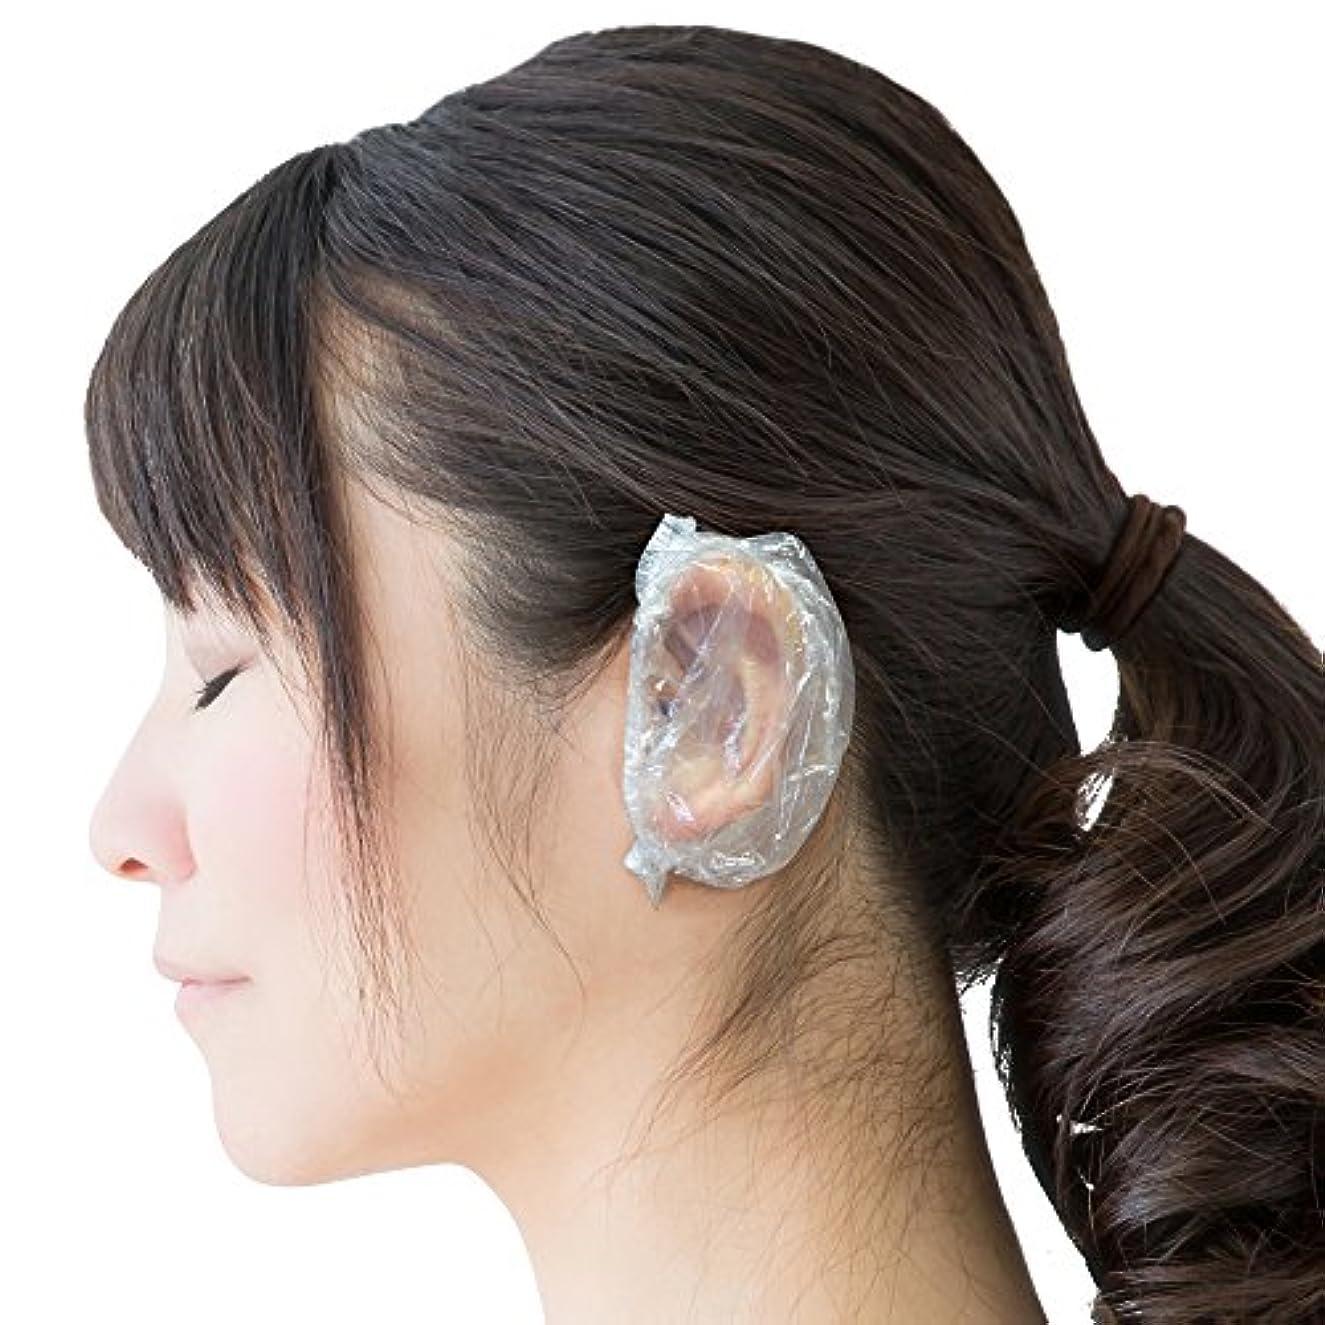 活気づける液体九時四十五分【Fiveten】 耳キャップ イヤーキャップ 耳カバー 毛染め 使い捨て 100個